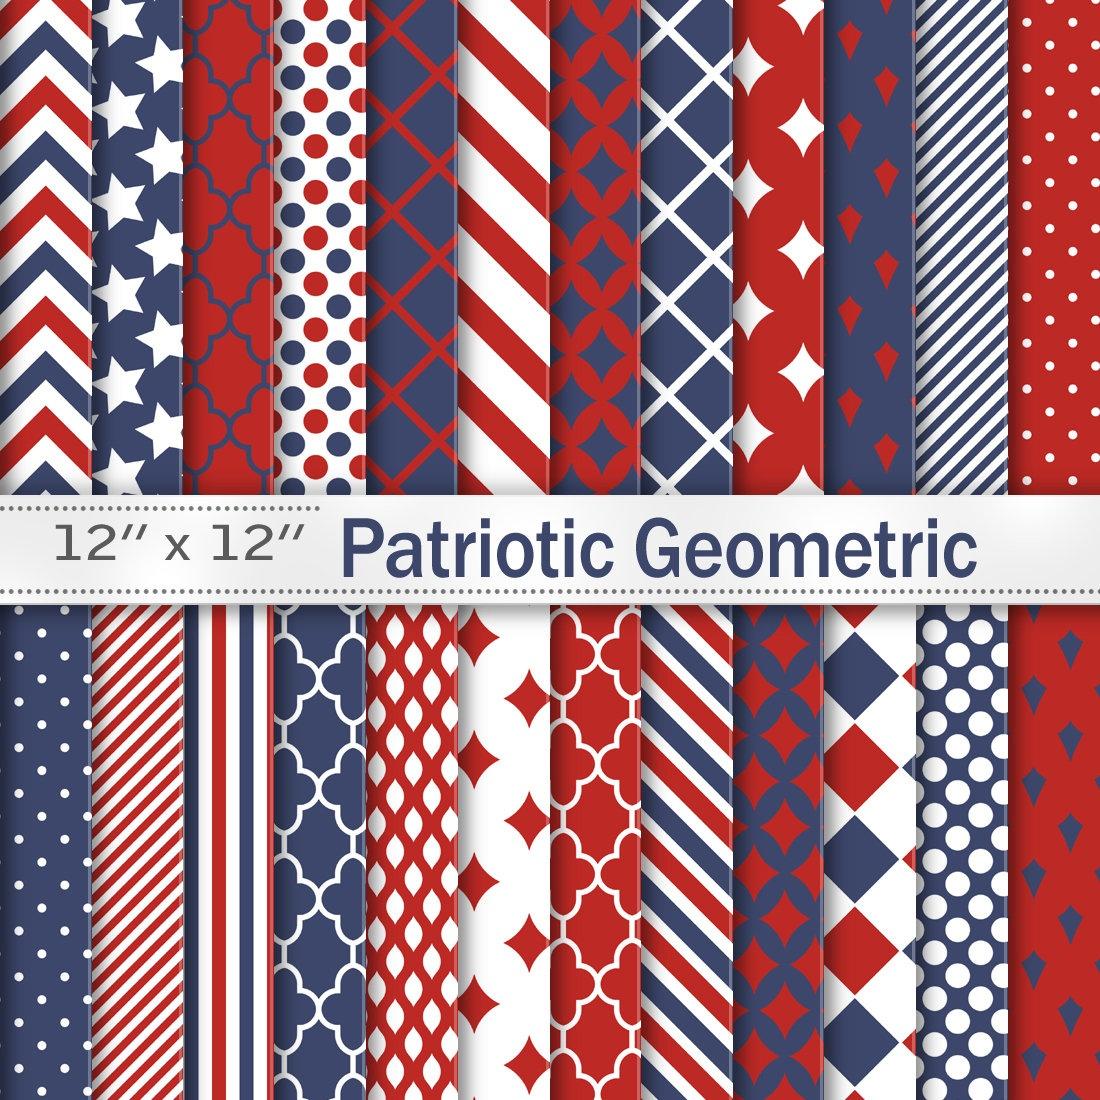 Patriotic 4Th Of July Digital Scrapbook Papers Red Navy   Etsy - Free Printable Patriotic Scrapbook Paper